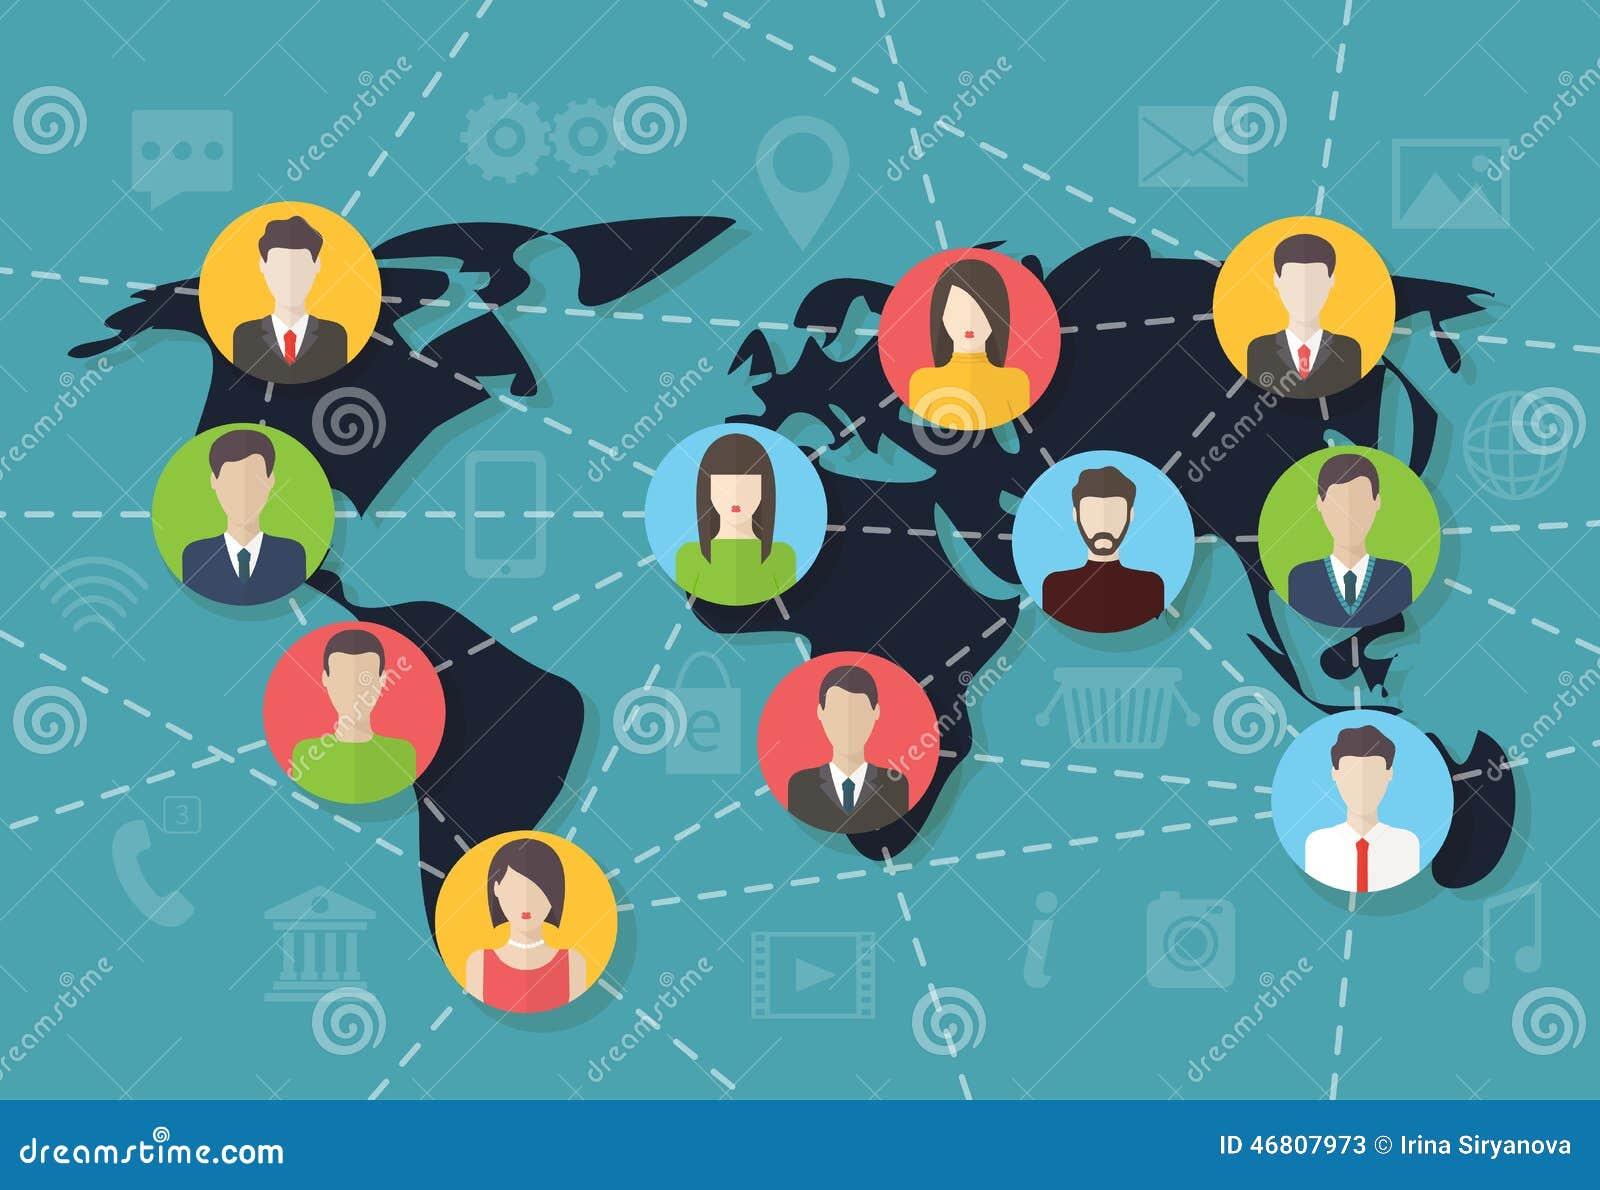 Social media network connection concept, vector